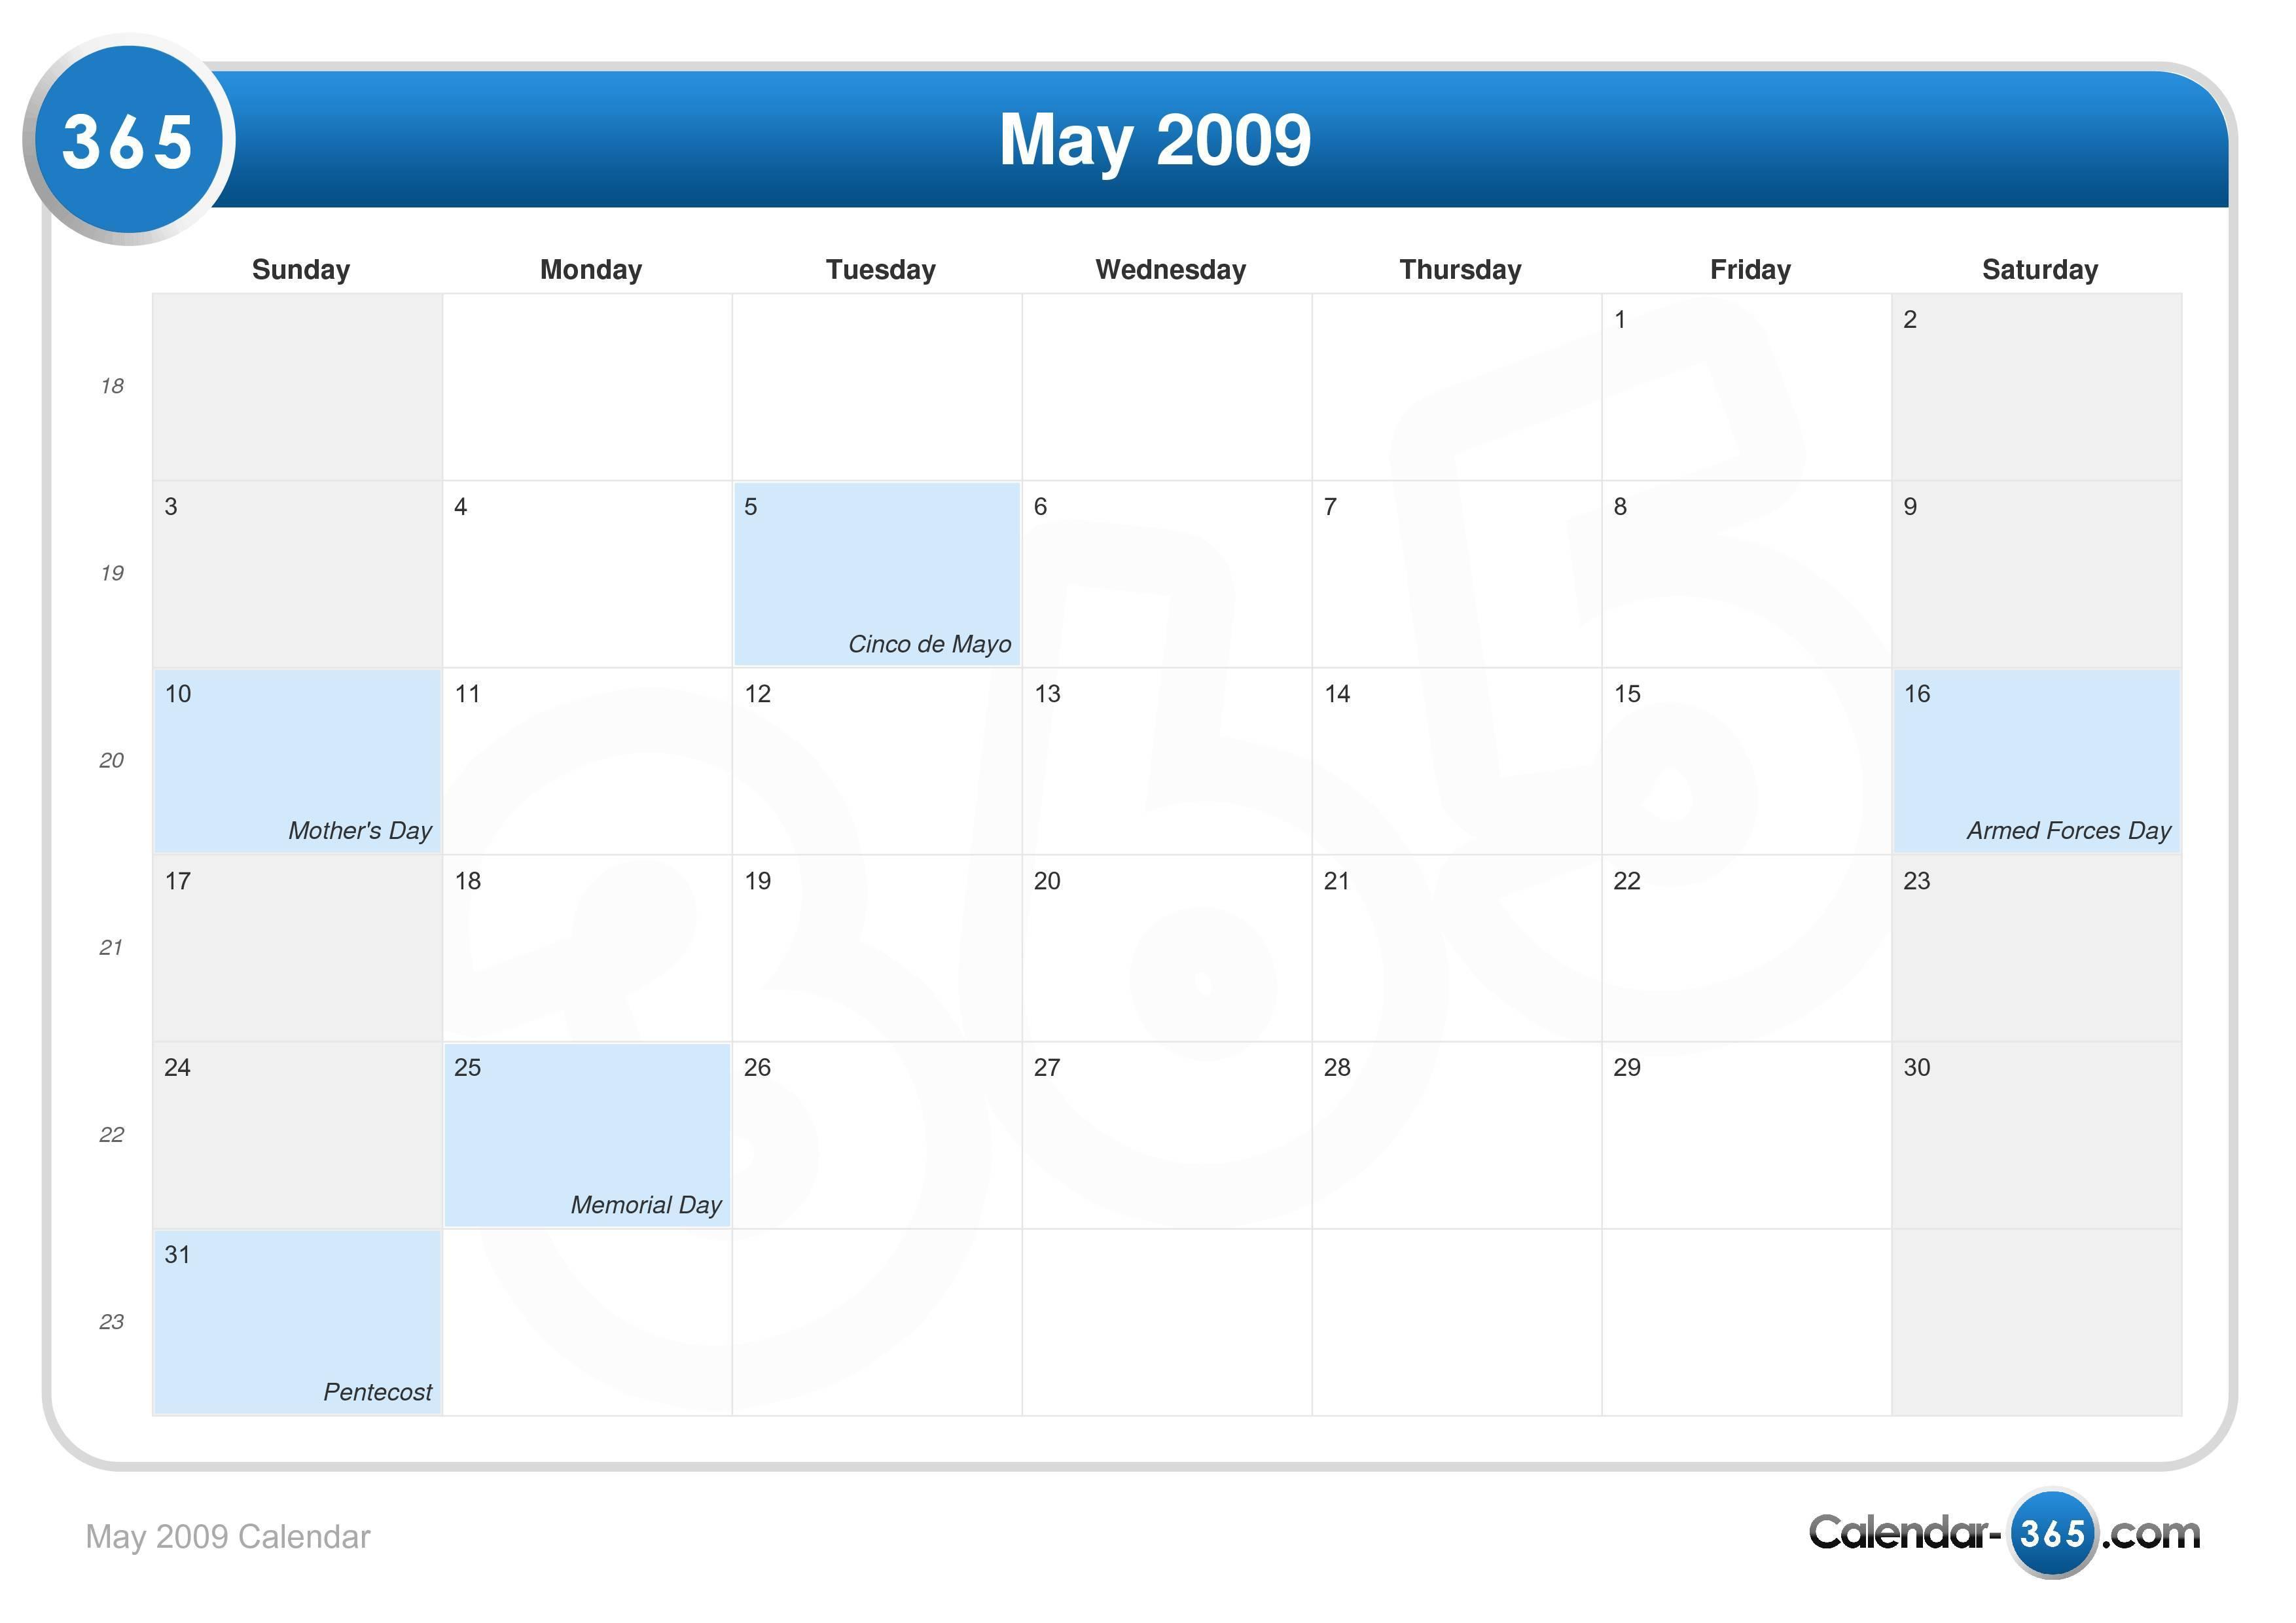 May 2009 Calendar